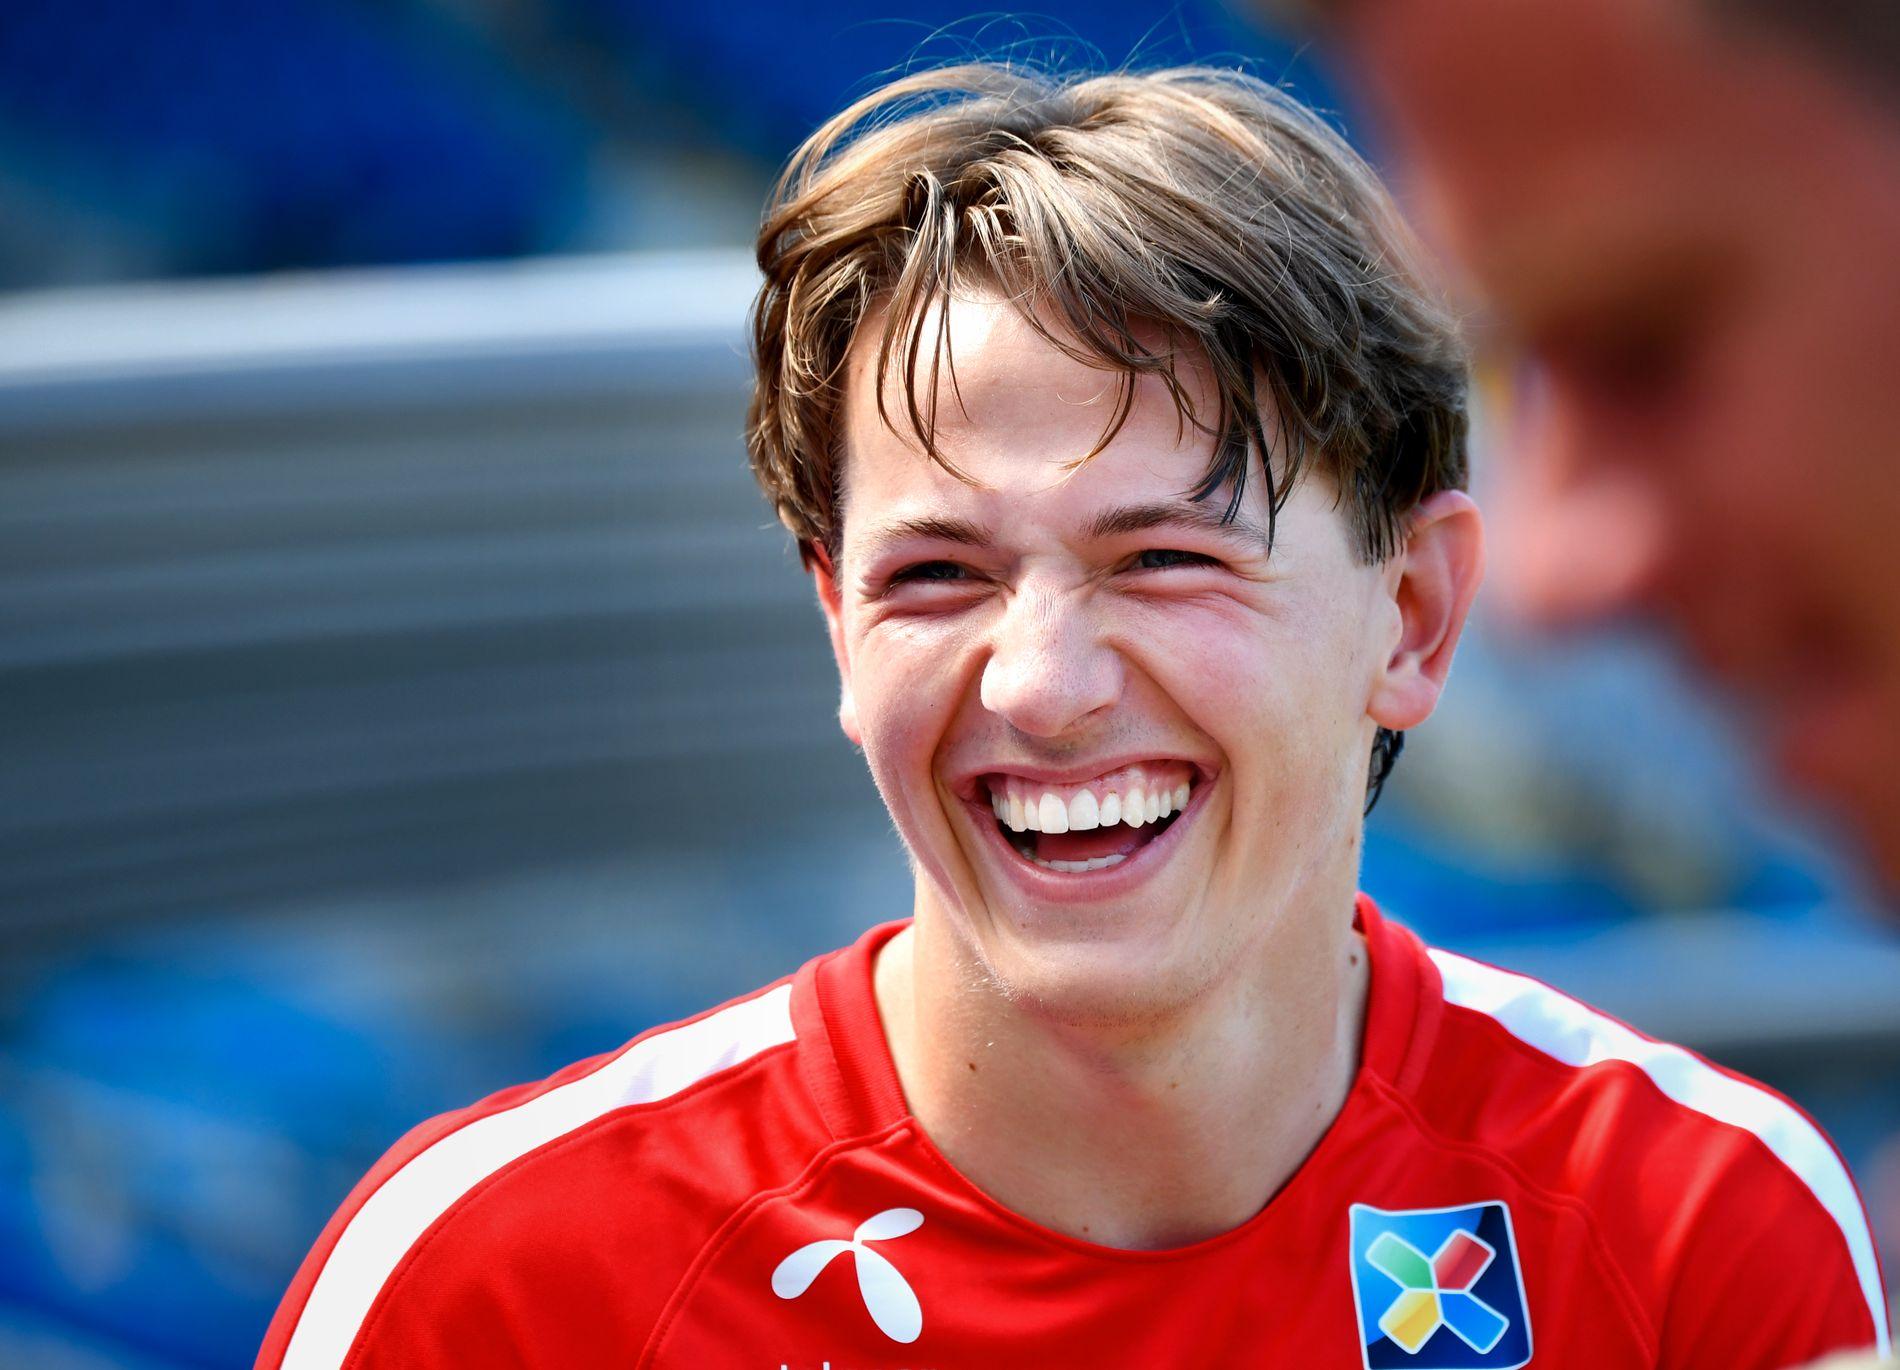 IMPONERER: Sander Berge, her under trening med landslaget, kan glise etter gode prestasjoner mot Island.